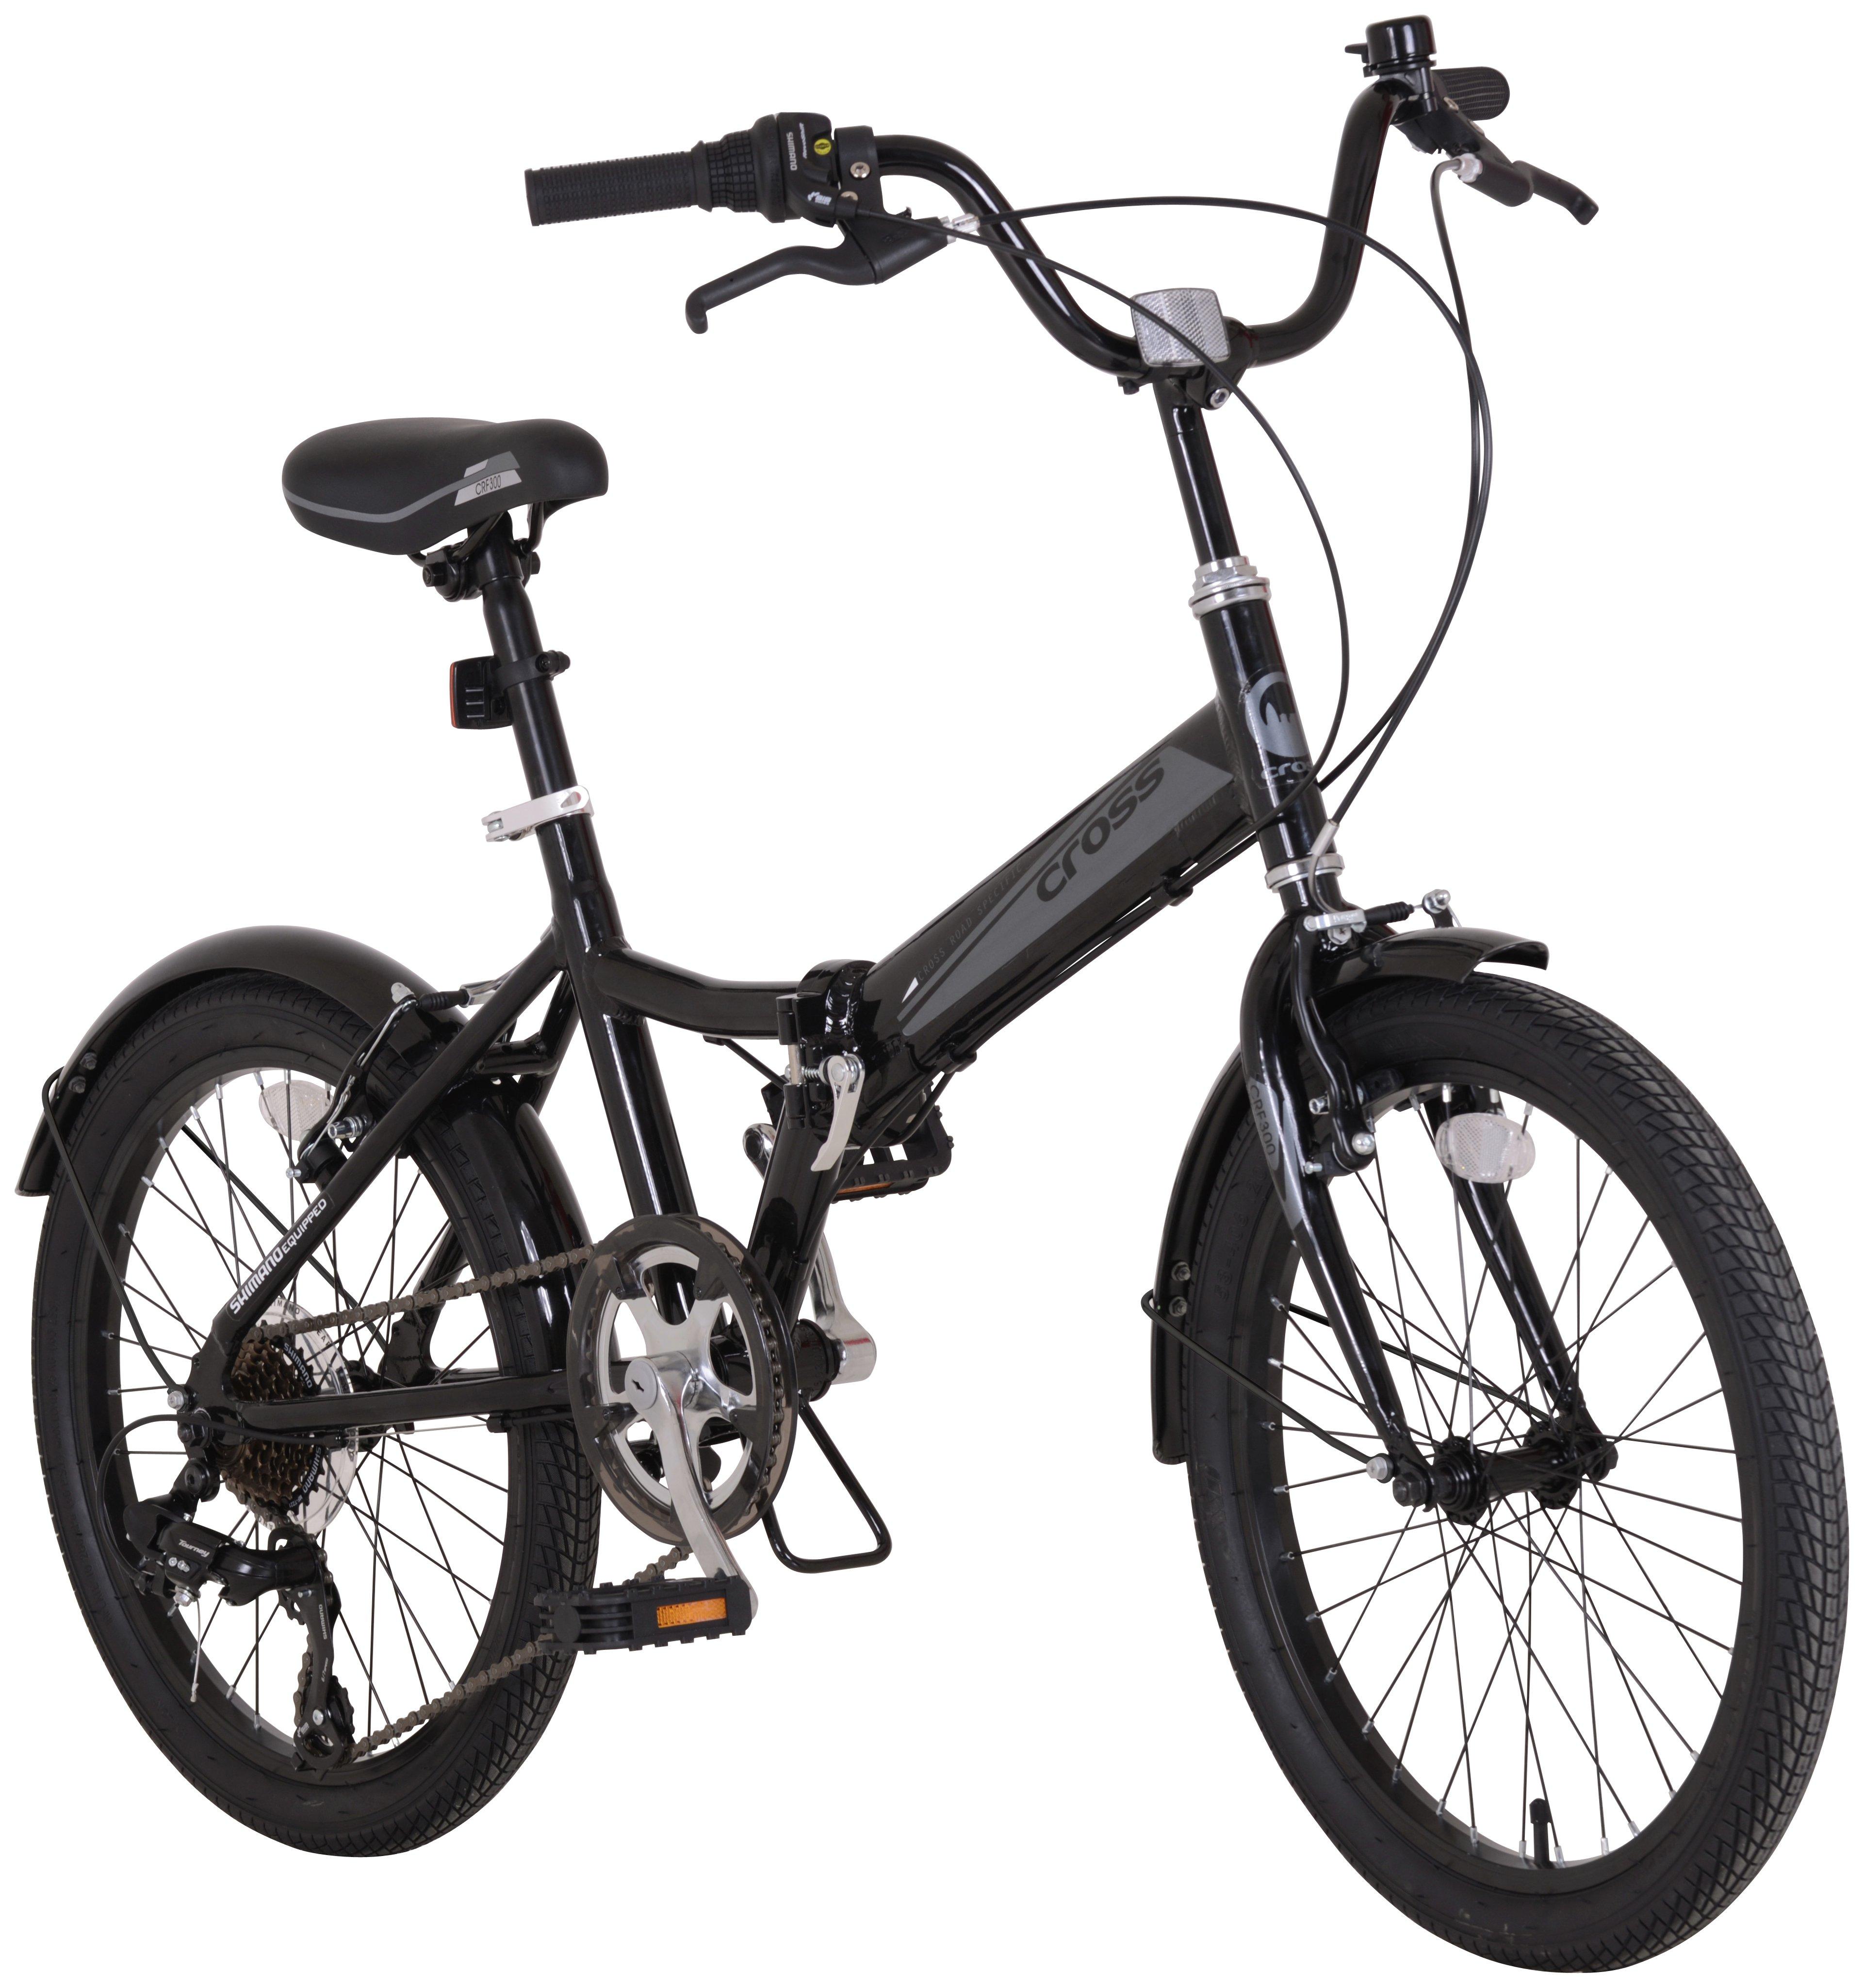 Image of Cross CRF300 Alloy Folding 20in Bike